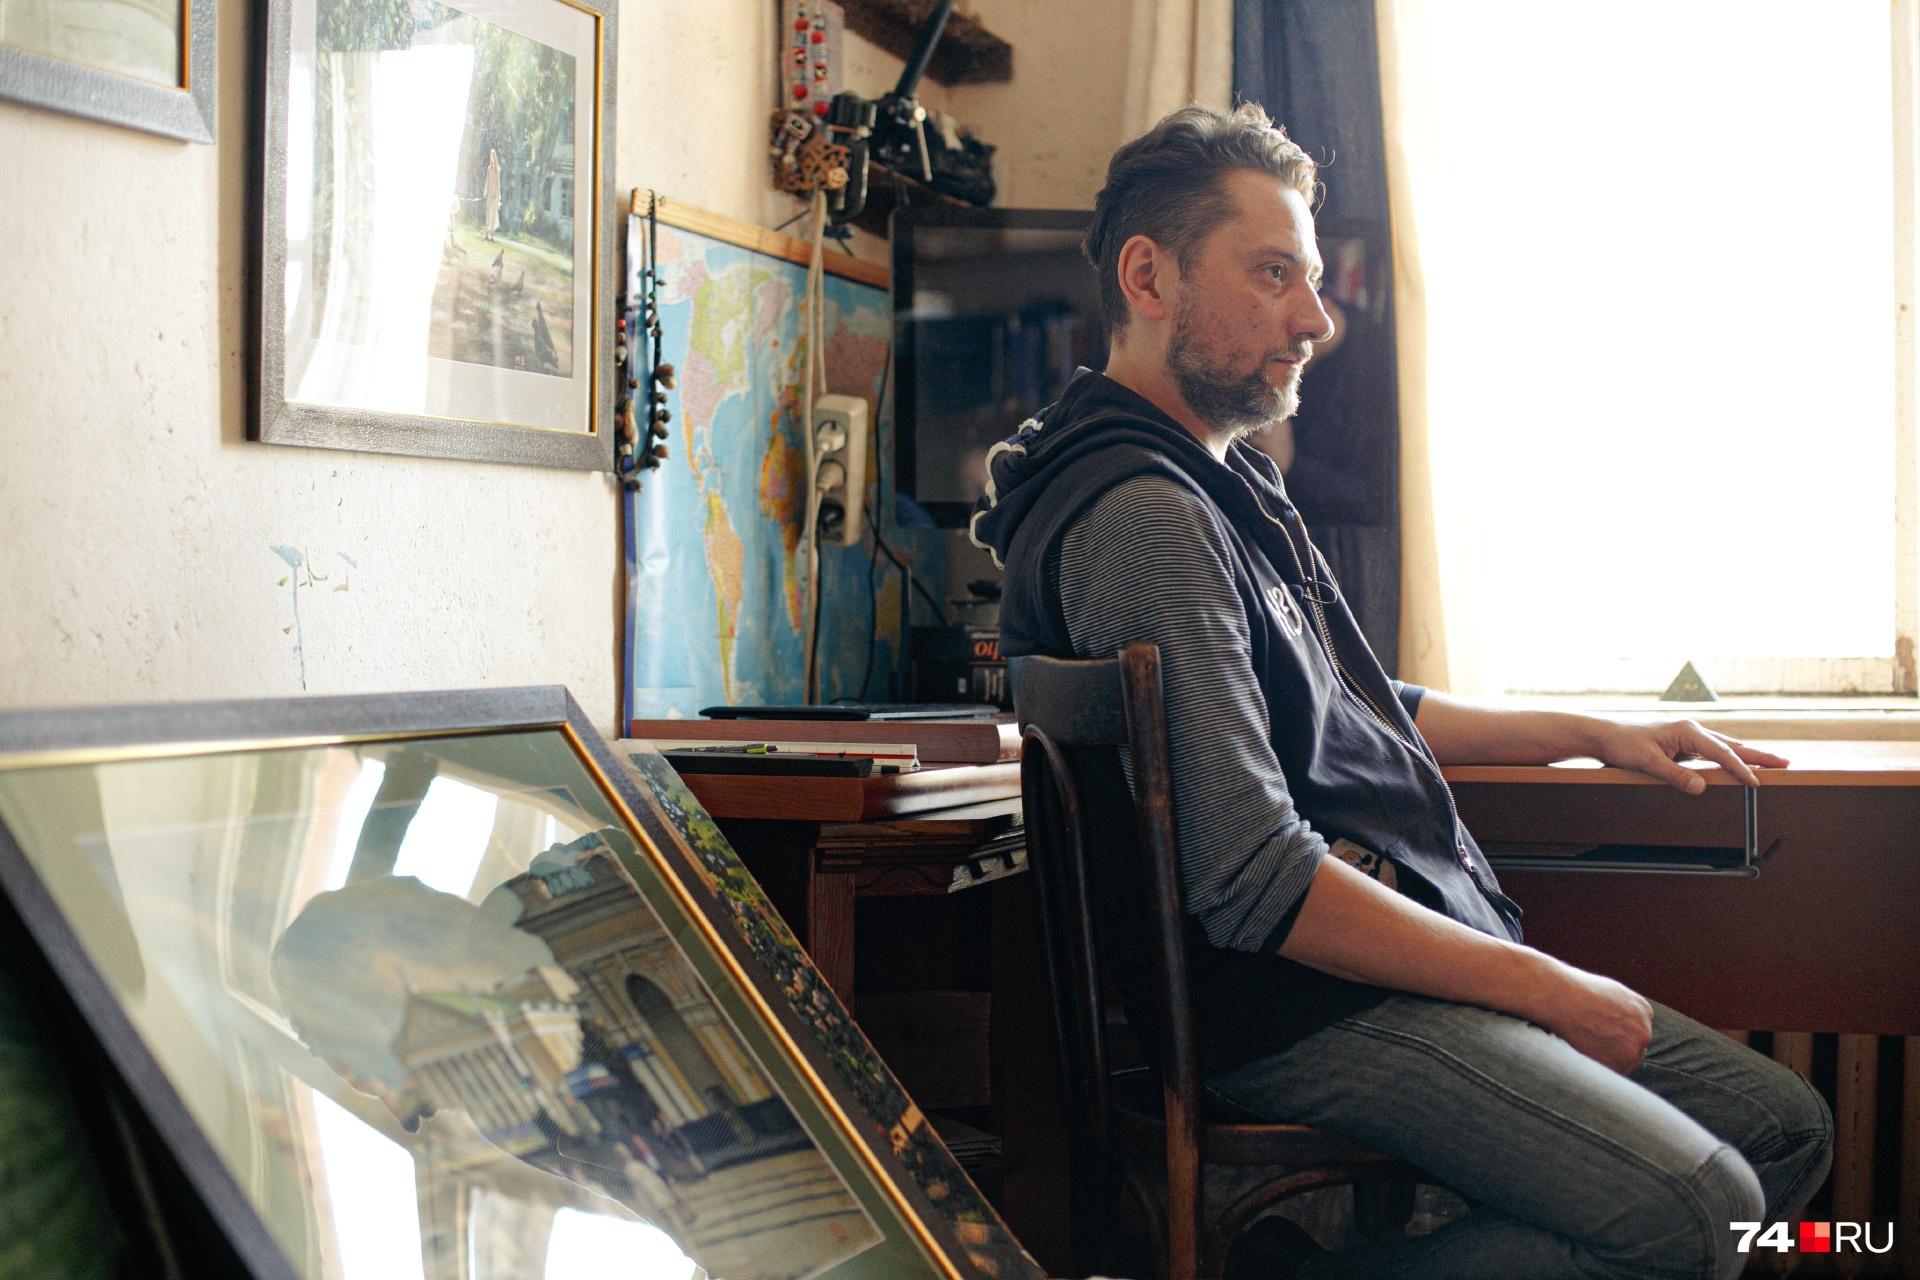 Михаил рисует дома: садится за стол, включает фоновую музыку, берёт в руки карандаш или кисточку и приступает